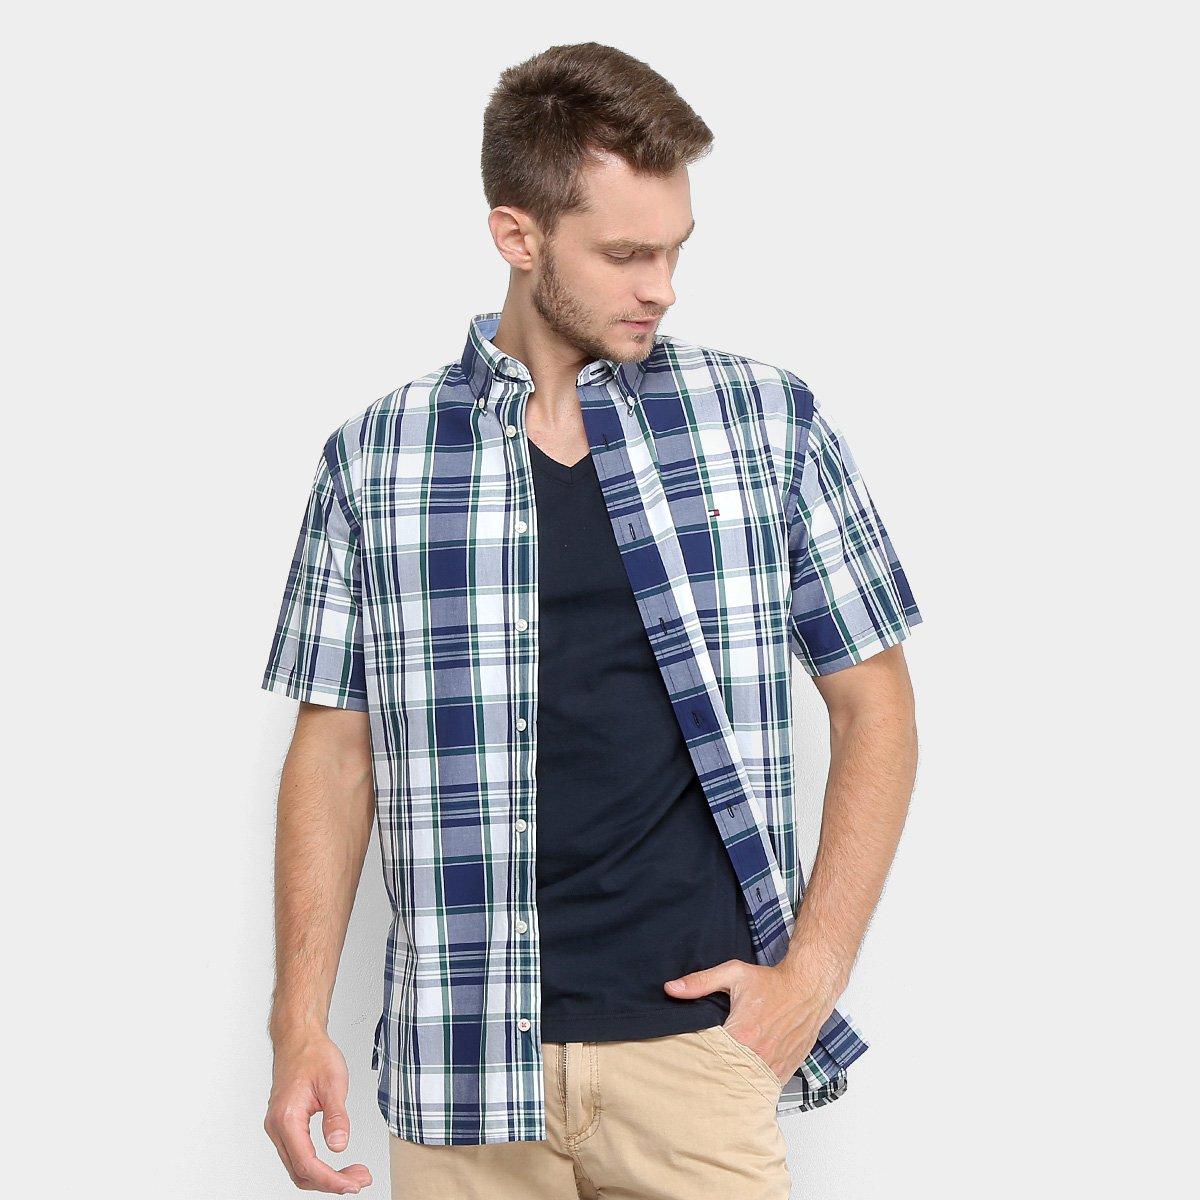 09d70324e4 Camisa Tommy Hilfiger Xadrez Custom Fit Masculina - Compre Agora ...